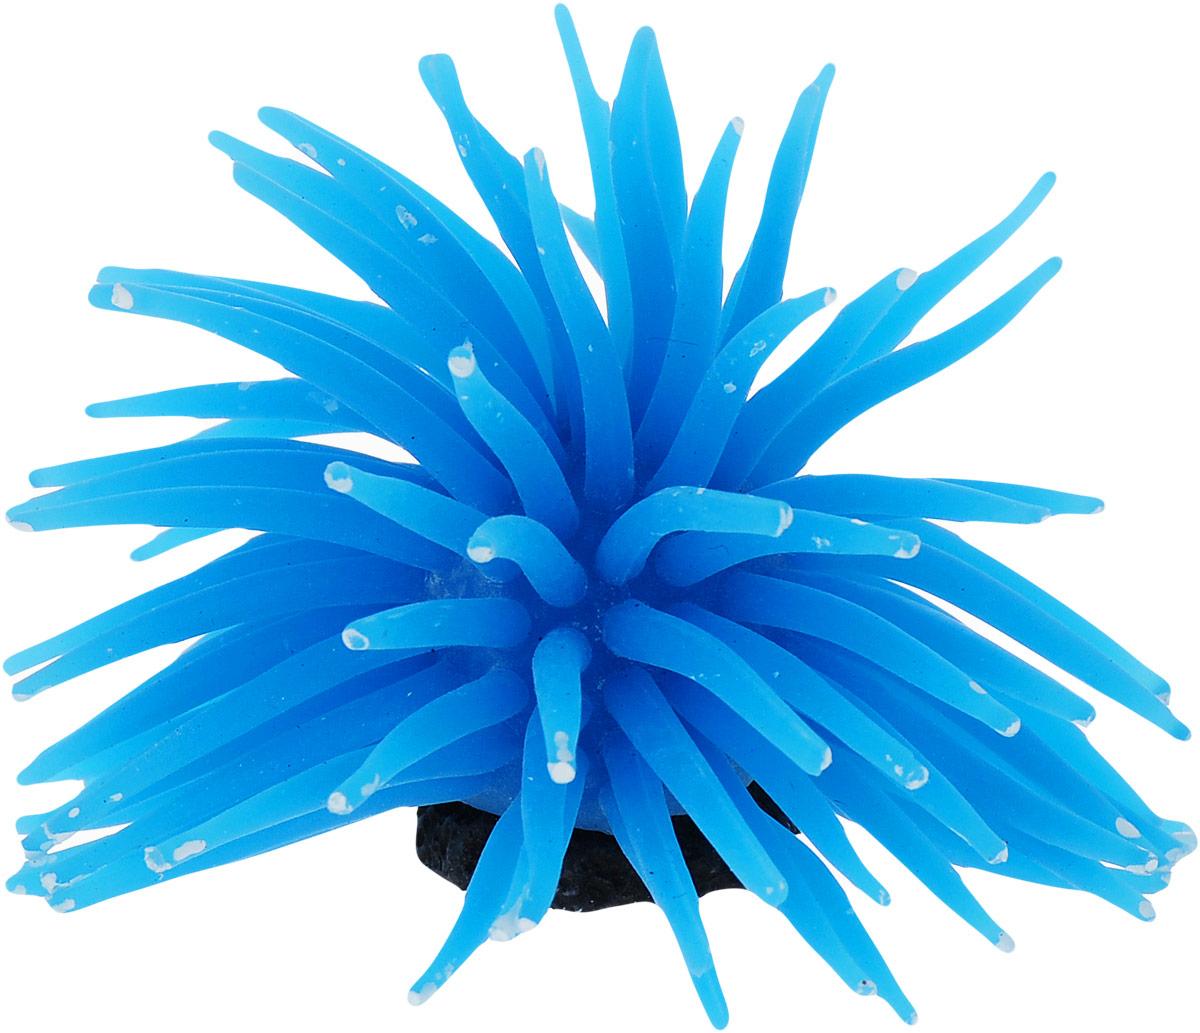 Коралл для аквариума Уют Разноцветные щупальца, силиконовый, цвет: голубой, 8 х 8 х 7 см подстаканник сергей 11 8 х 7 8 х 7 3 см 2494361